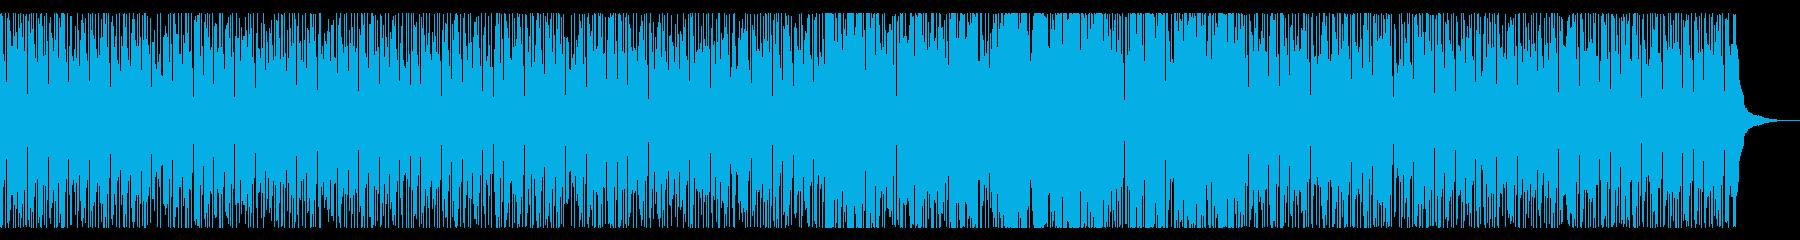 童謡「こいのぼり」元気いっぱいポップの再生済みの波形